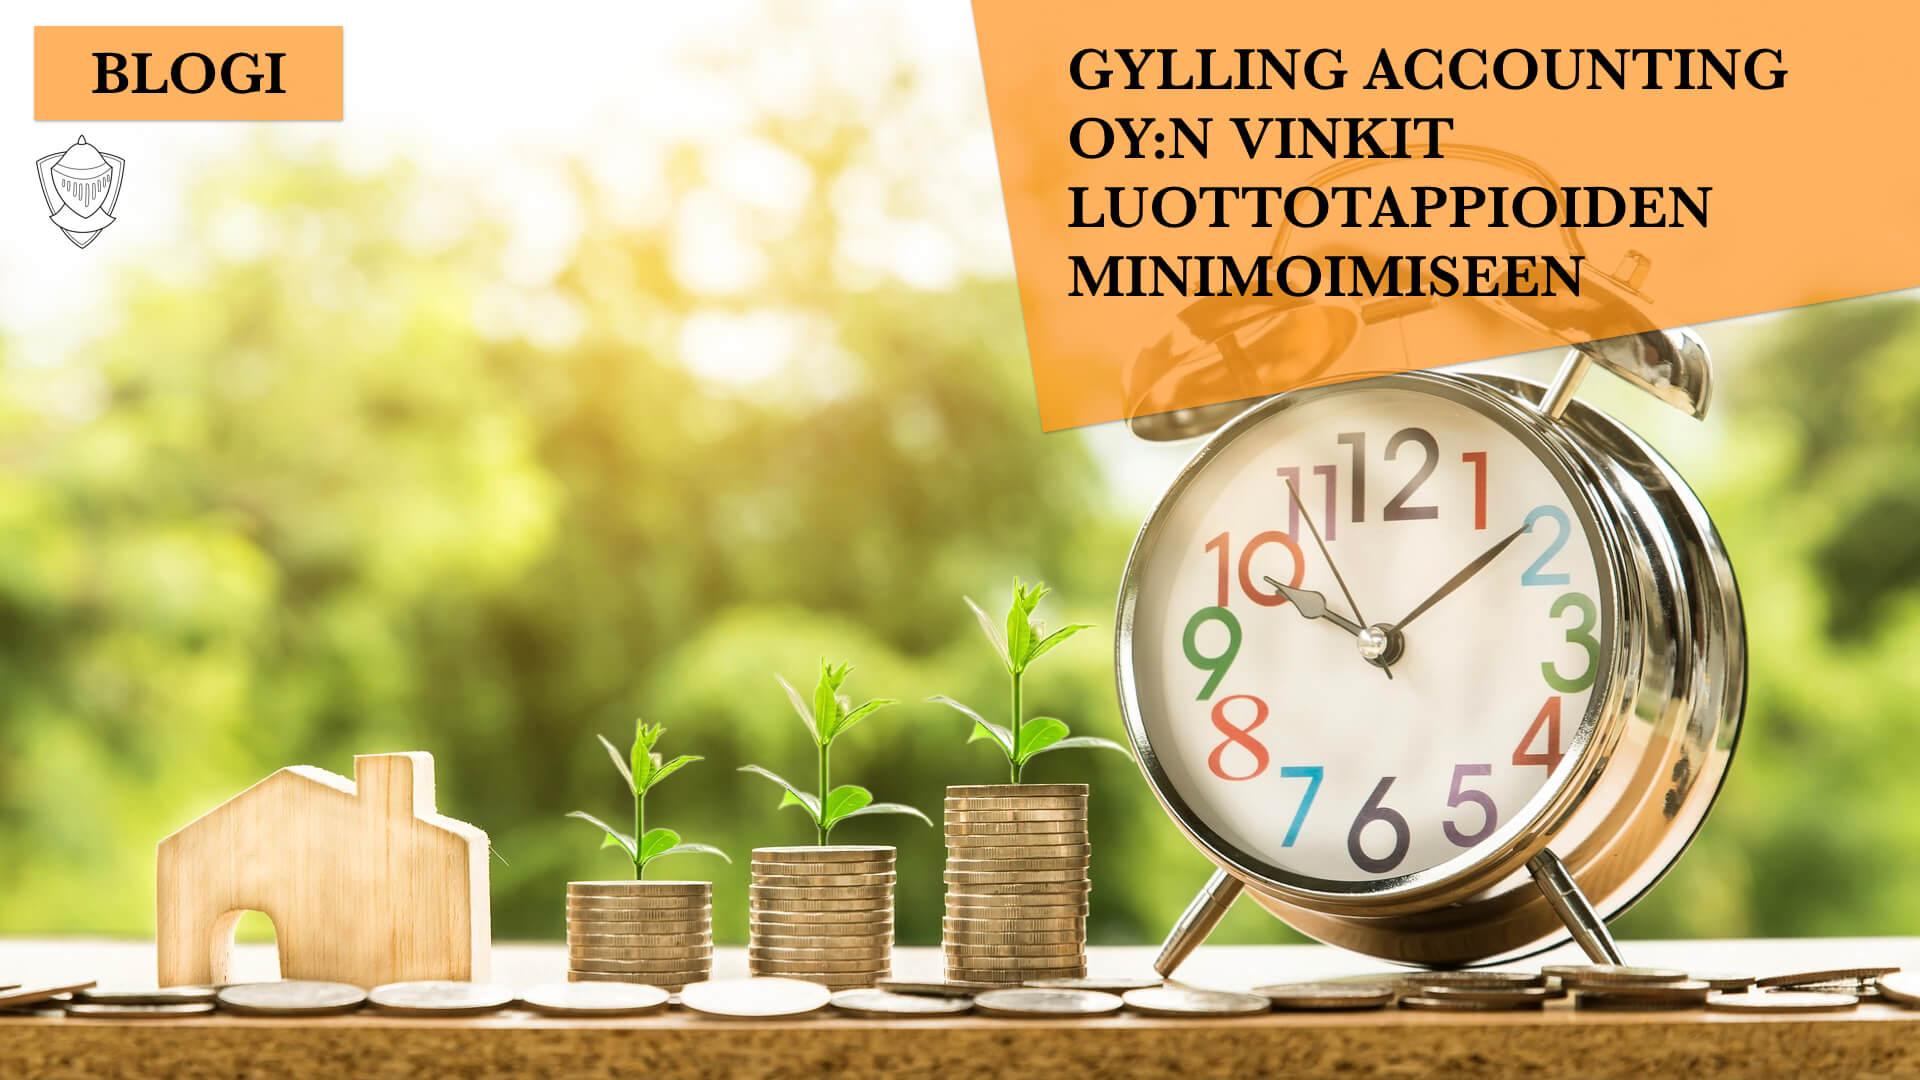 Ennakointi, varhainen puuttuminen ja säännöllisyys - Gylling Accounting Oy:n vinkit luottotappioiden minimoimiseen